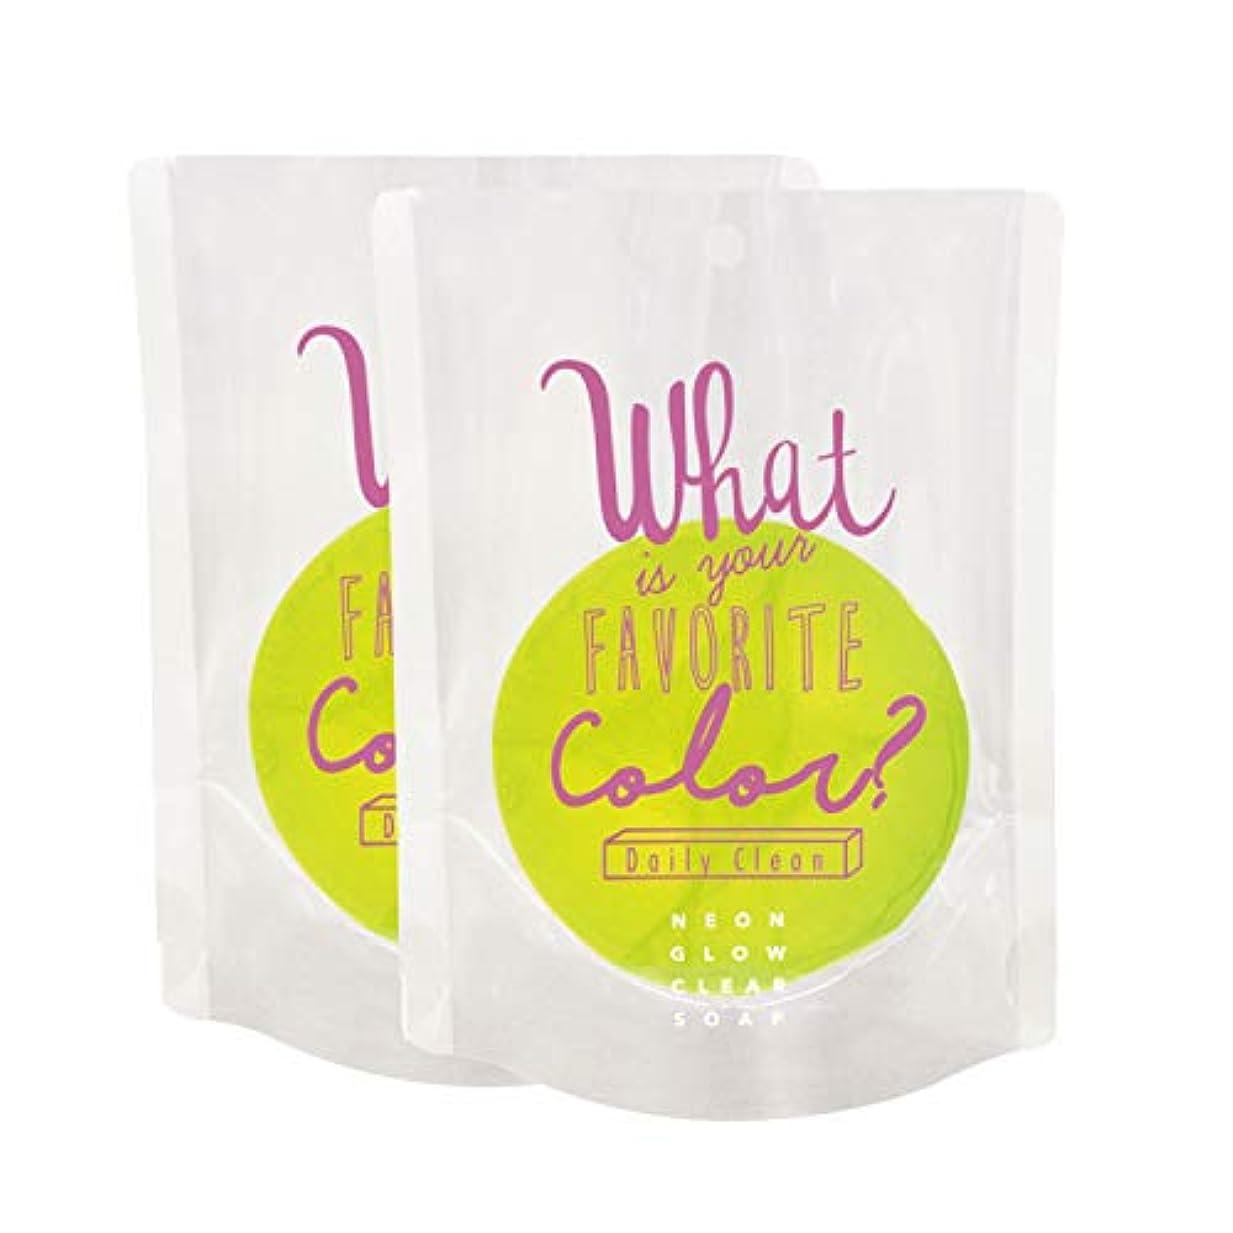 ロバ封筒さわやかノルコーポレーション ネオングロー クリアソープ OB-NGW-2-2 石鹸 パパイヤの香り 82g×2個セット